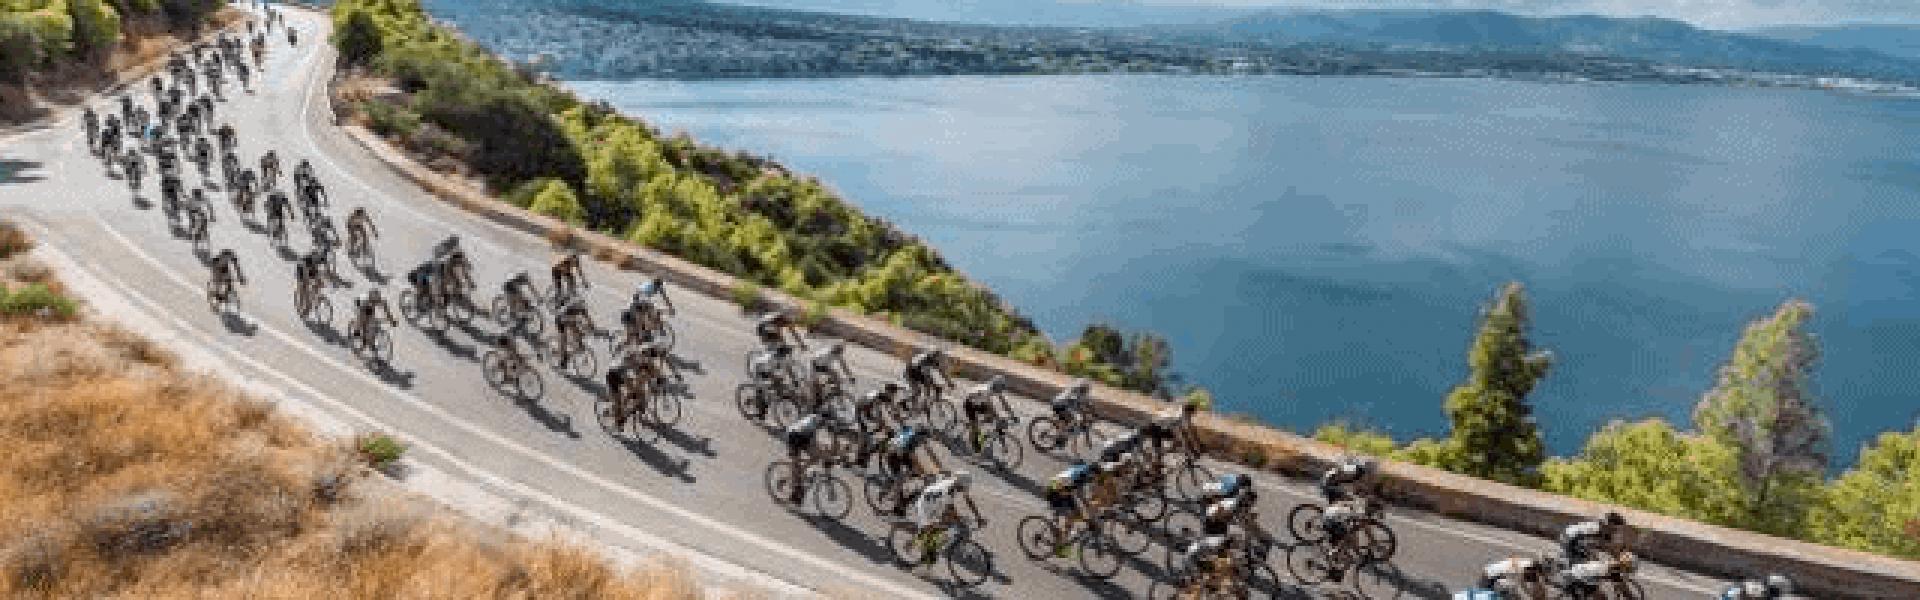 Αγώνες ποδηλασίας στο Λουτράκι